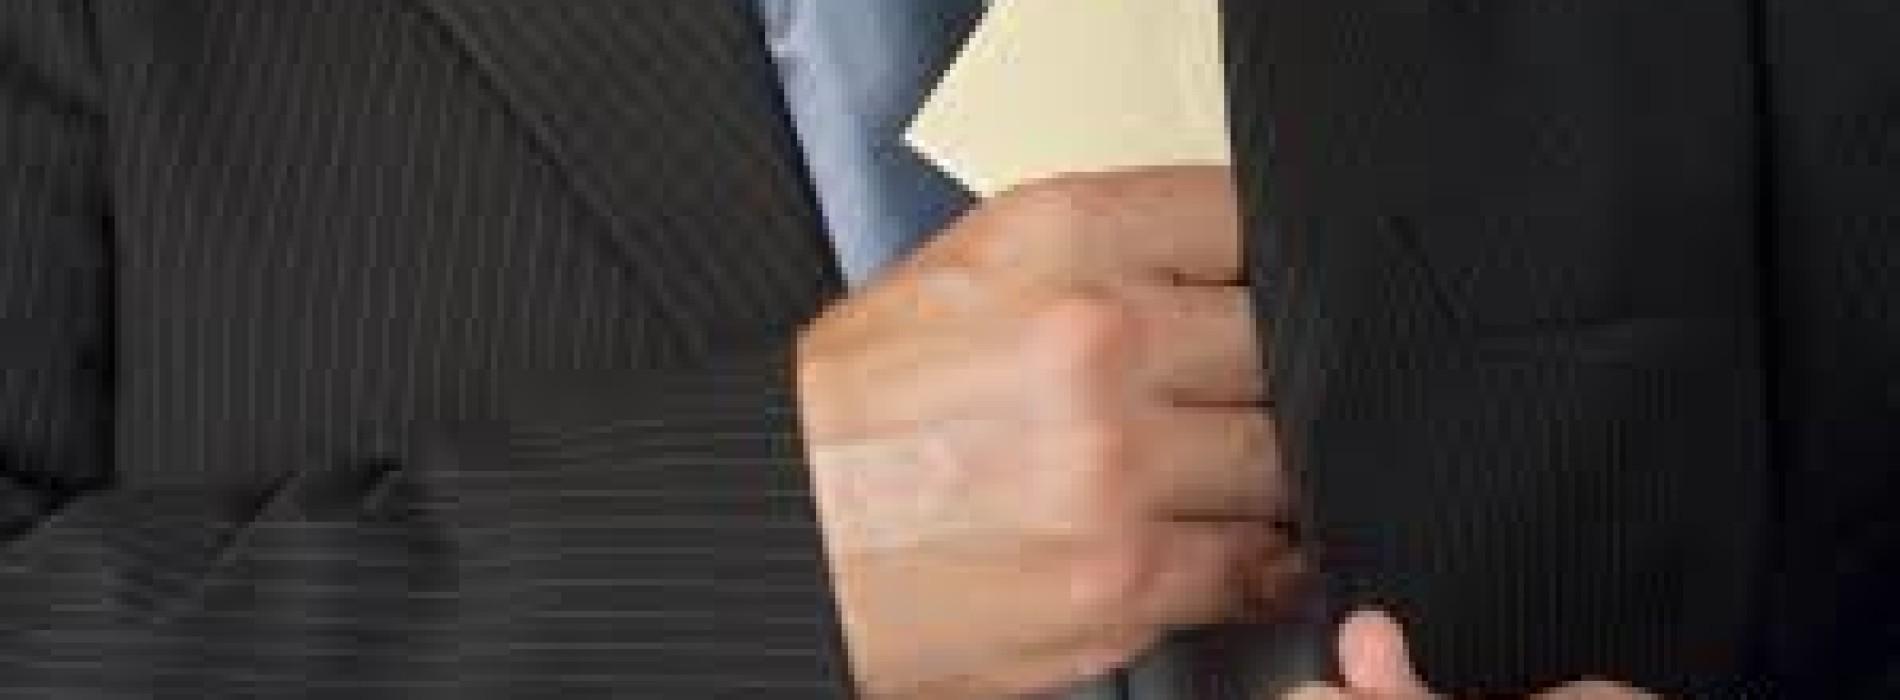 Судоисполнитель в Шымкенте получил взятку за исполнение прямых обязанностей